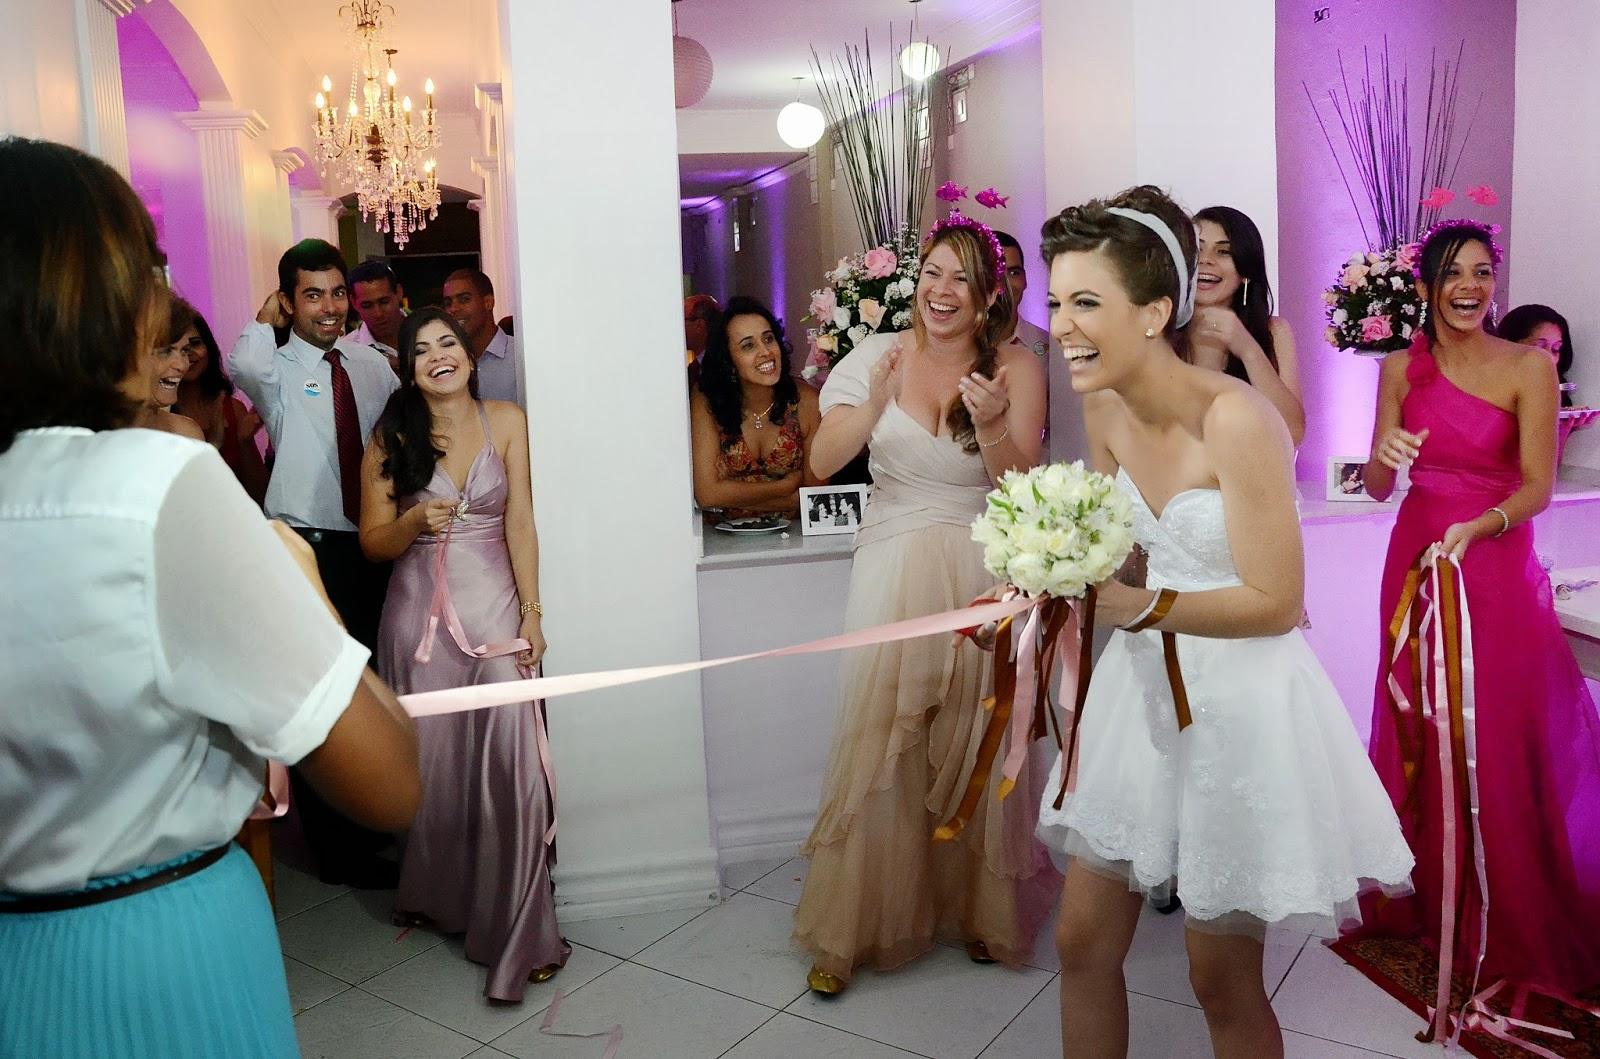 festa - recepção - hora do bouquet- jogada do bouquet - bouquet para as solteuras - solteiras - bouquet e fitas